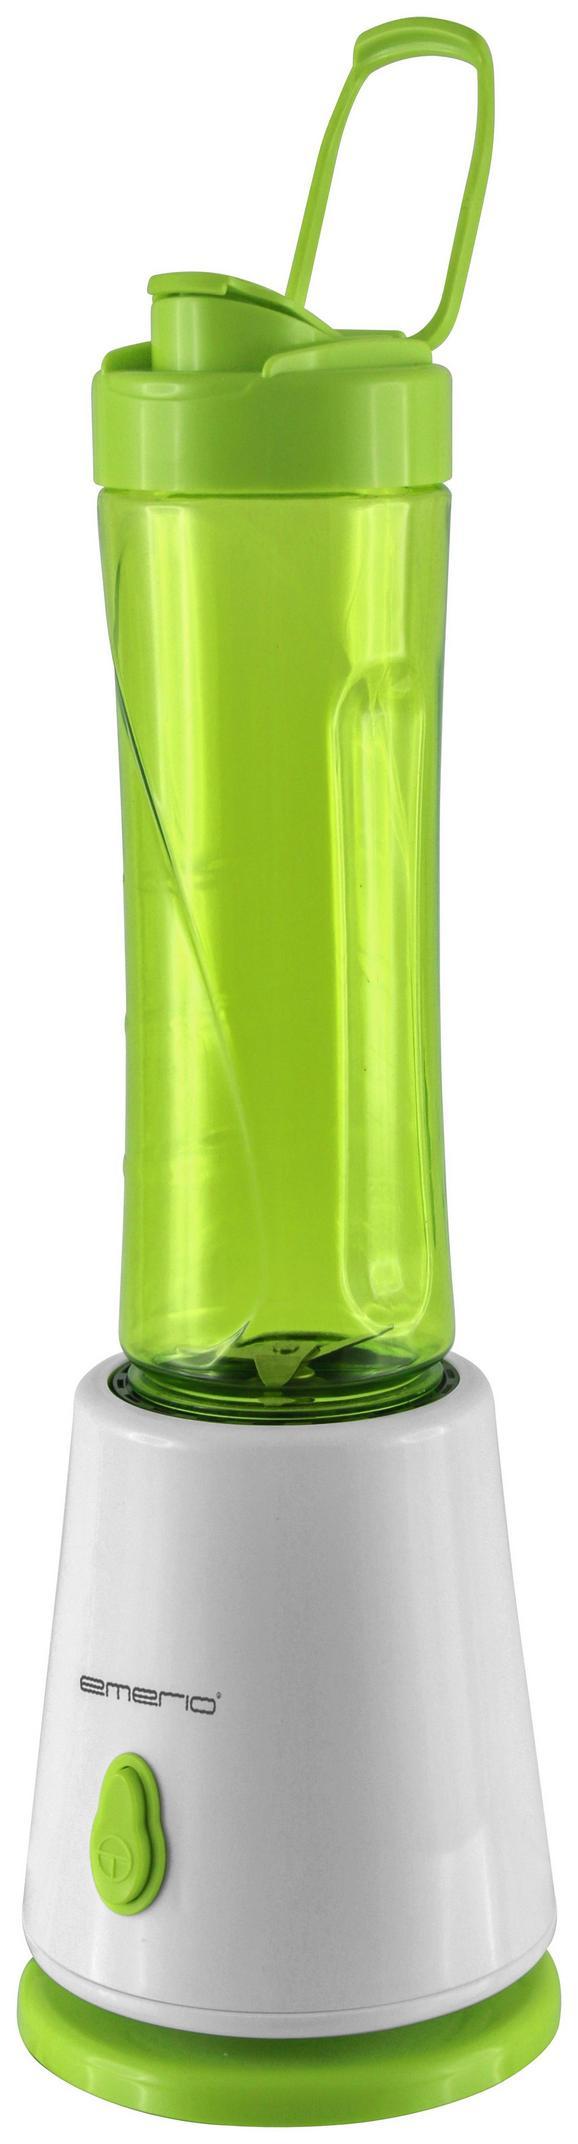 Smoothie Maker Rosi in Grün/Weiß - Weiß/Grün, Kunststoff/Metall (11,8/11,8/37,6cm)